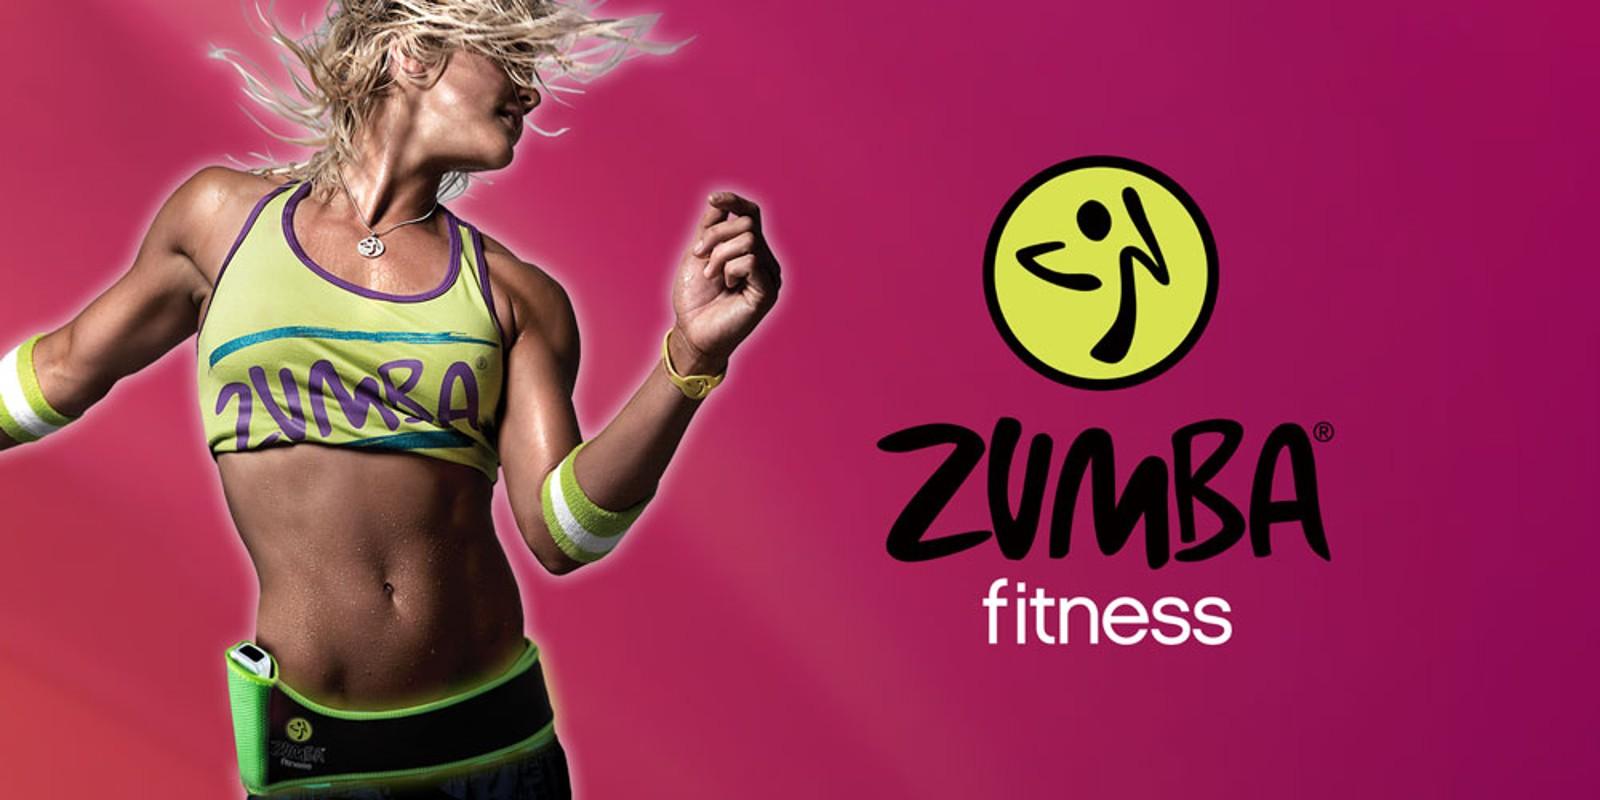 Corso per donne - Zumba Fitness